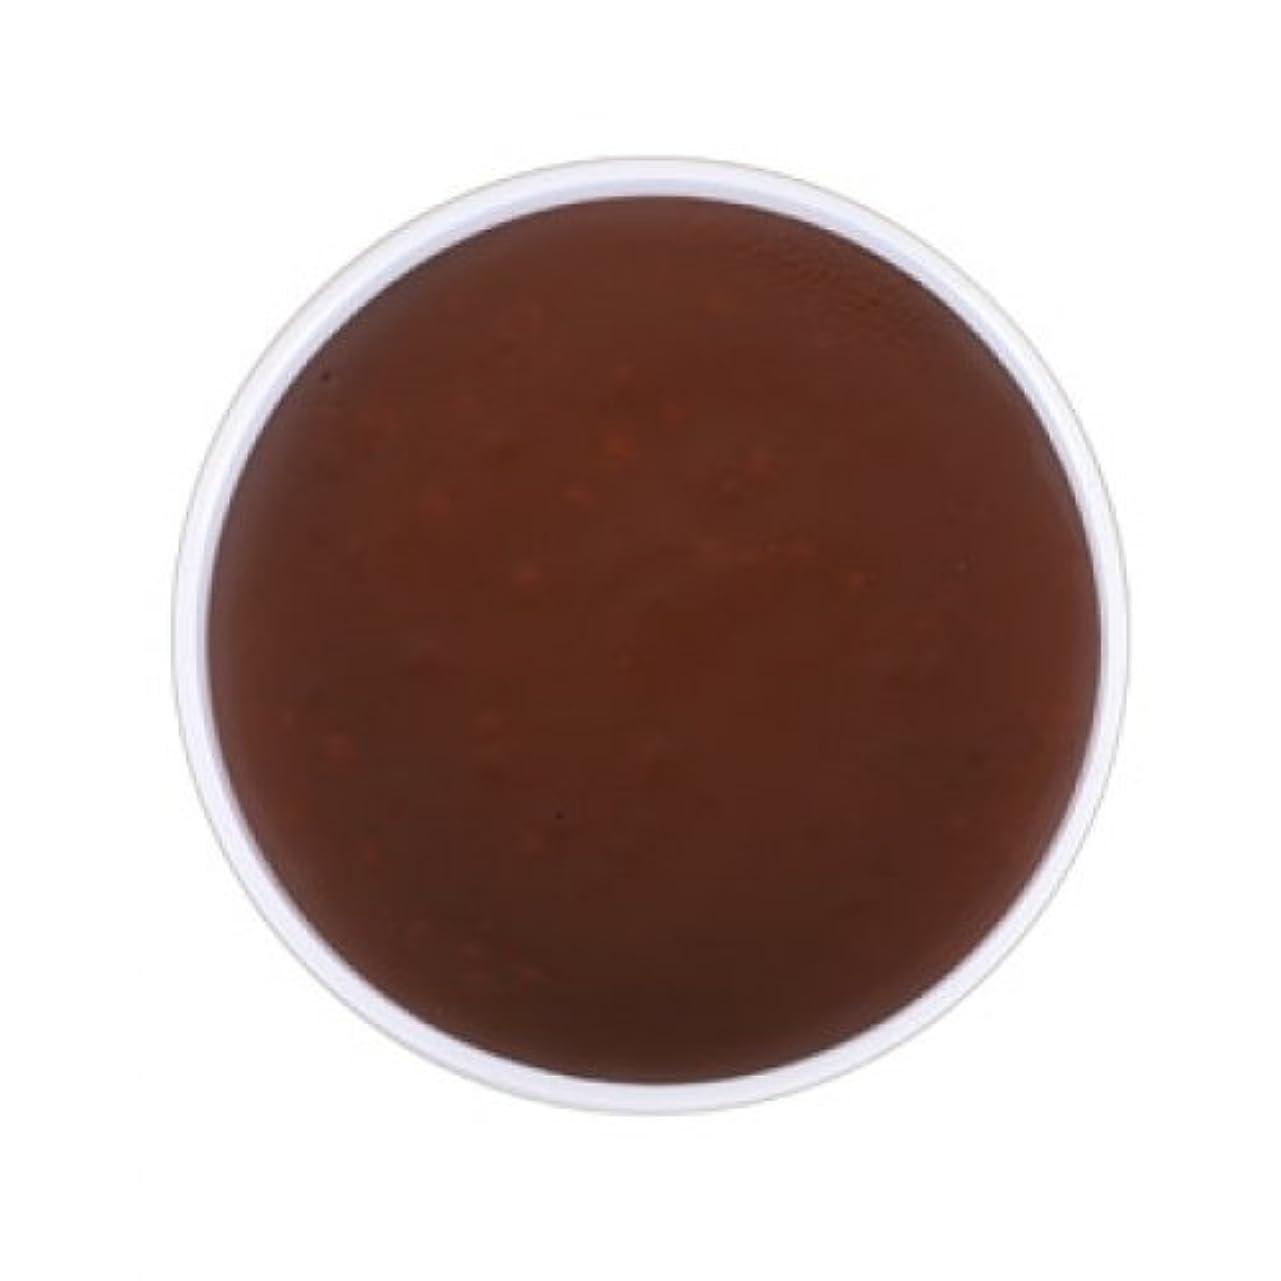 殉教者カウントアップ所有権(3 Pack) mehron Color Cups Face and Body Paint - Wolfman Brown (並行輸入品)